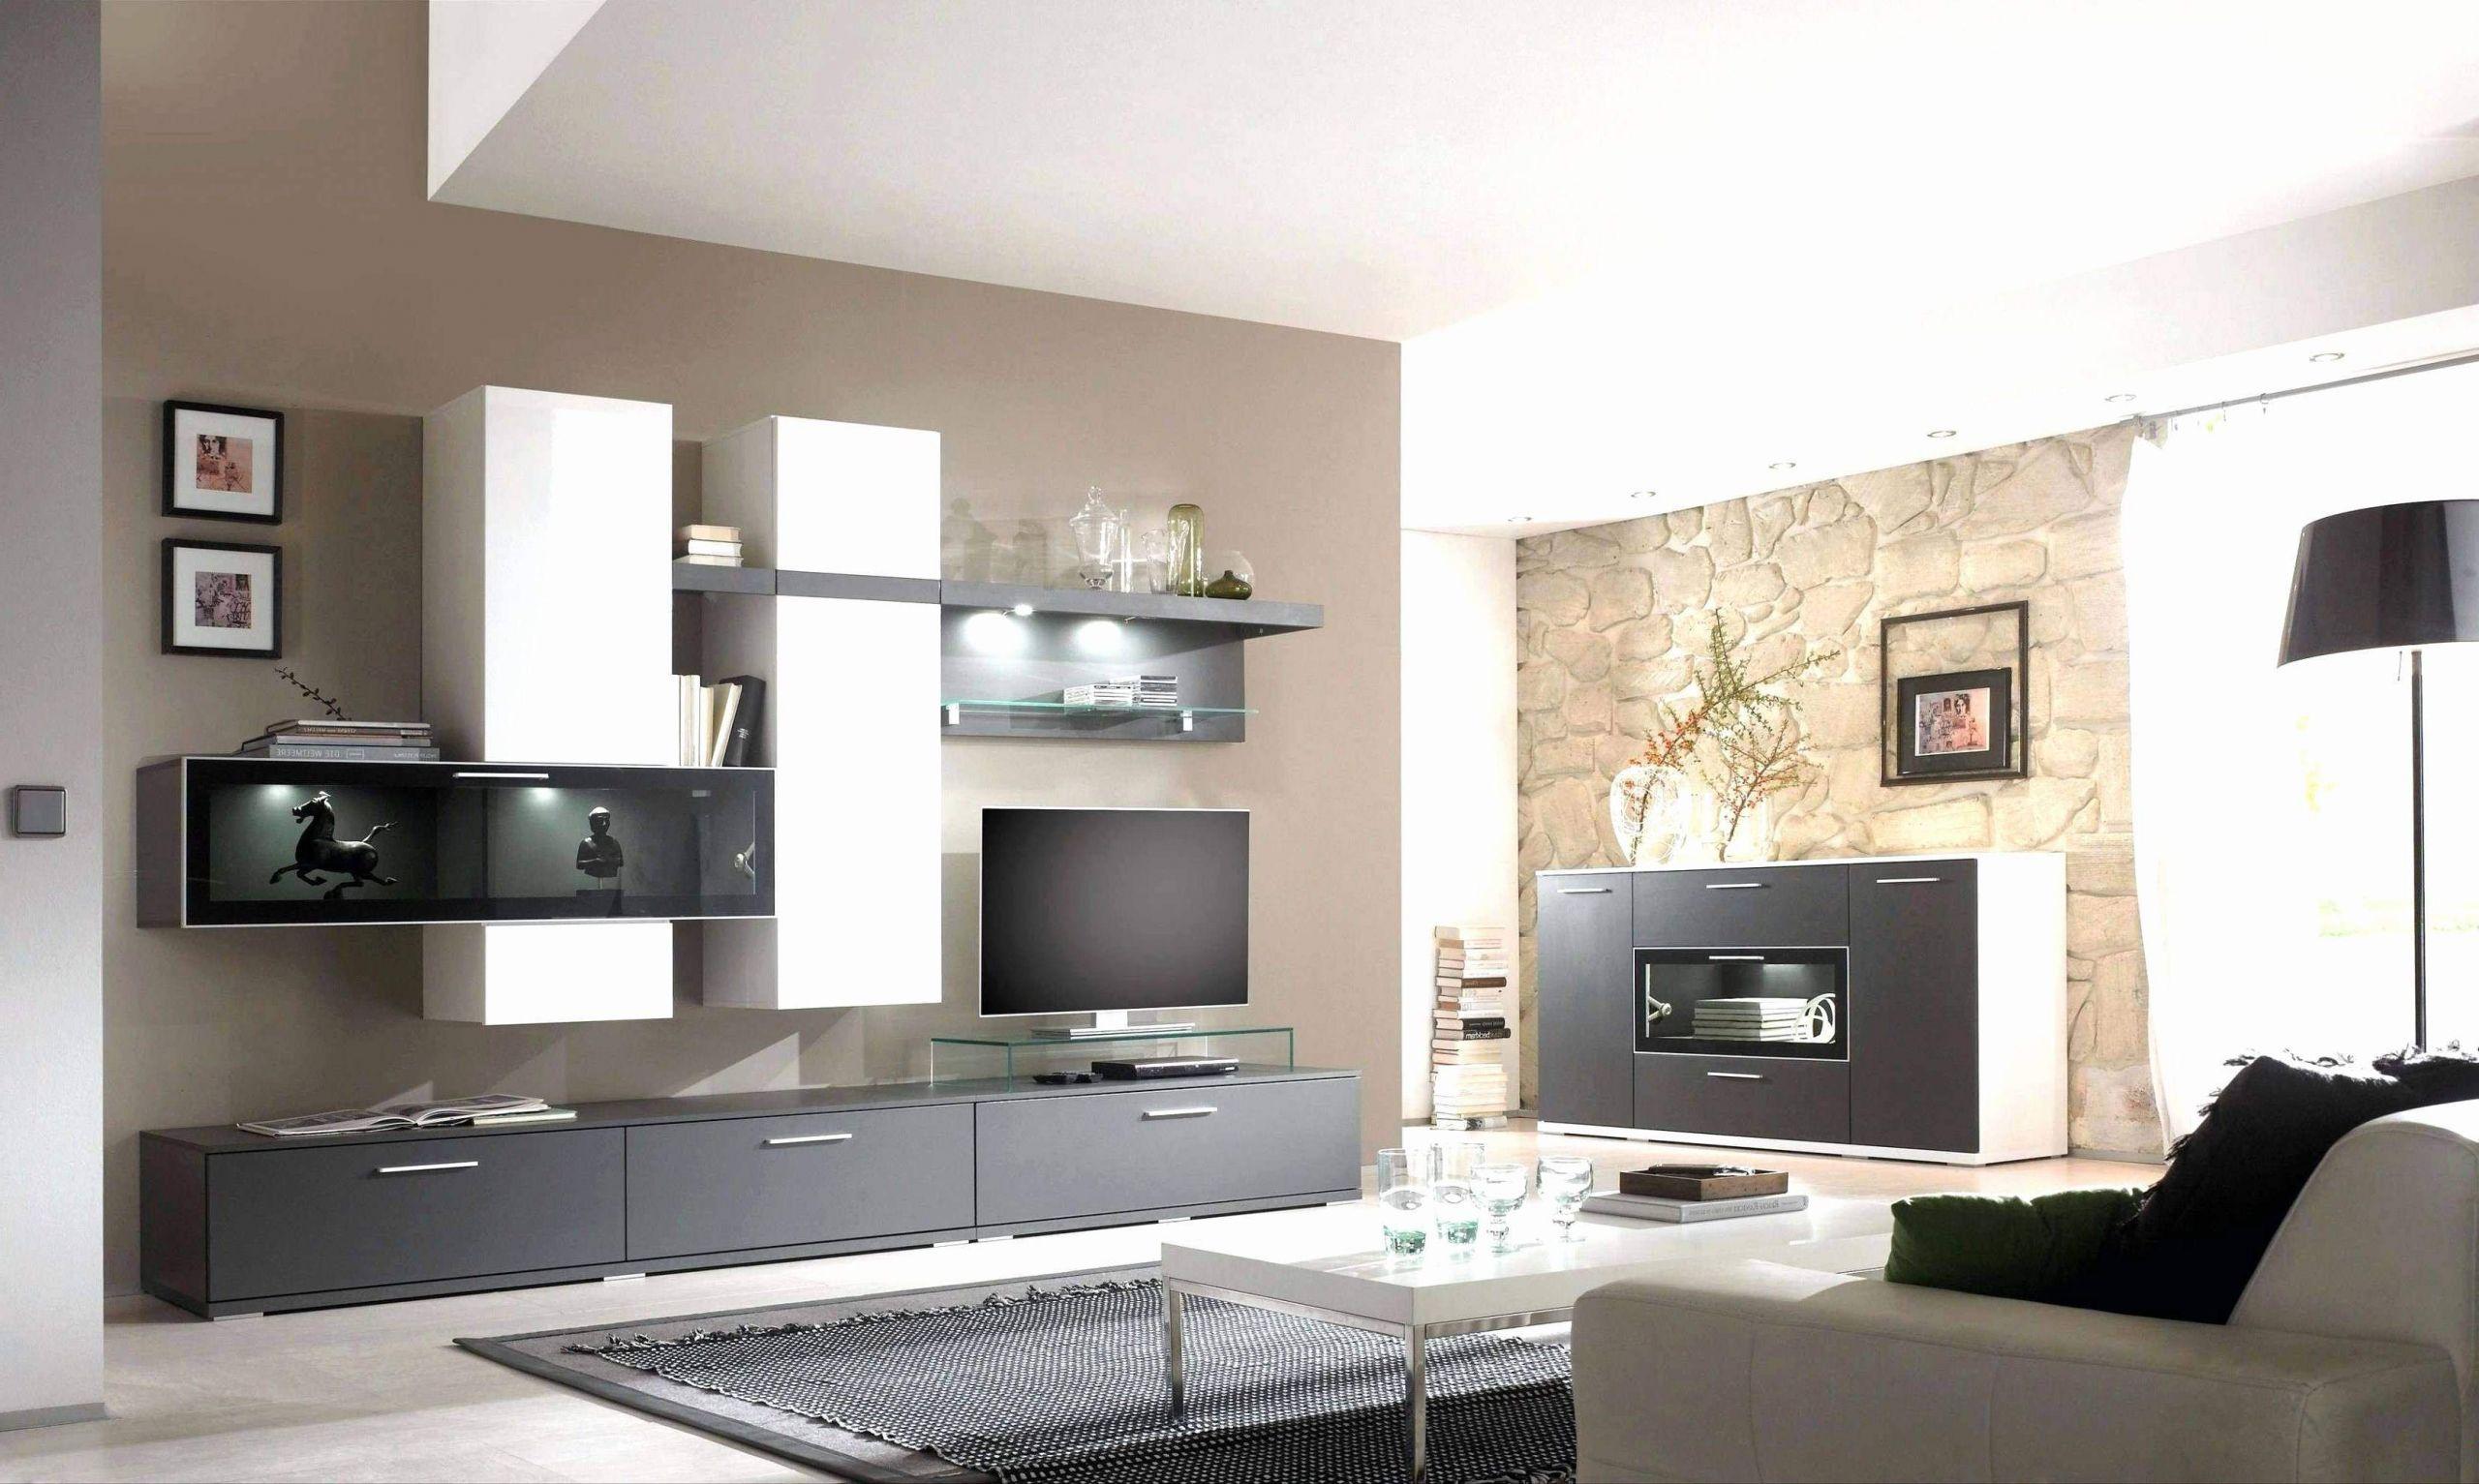 Pflanzen Deko Ideen Frisch Wohnzimmer Boden Elegant Wohnzimmer Pflanzen Das Beste Von